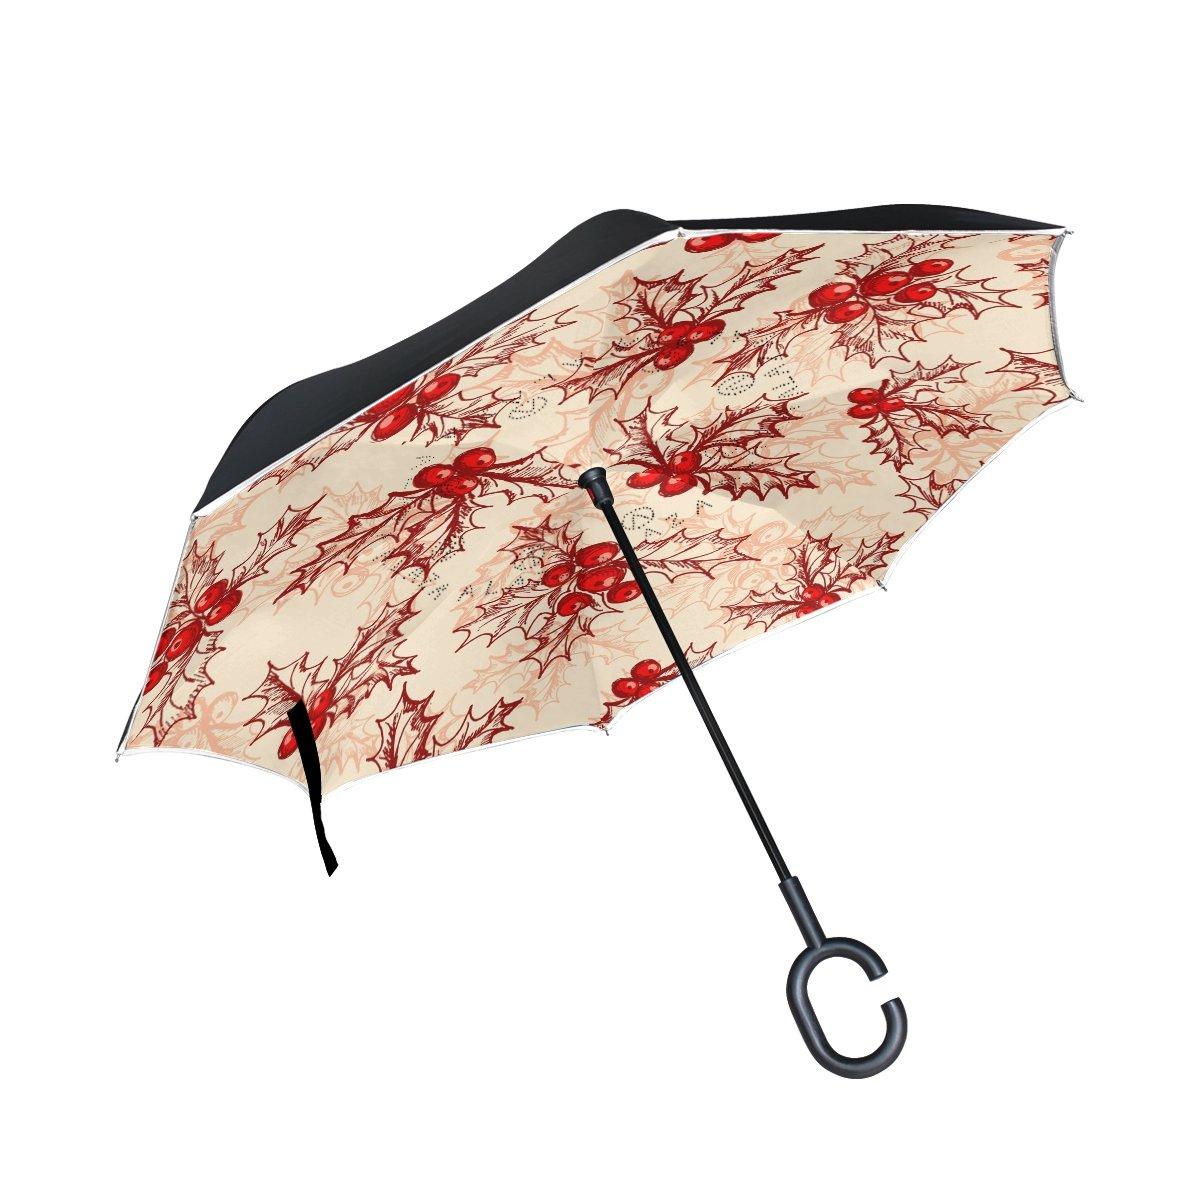 TIZORAX Holly Berry inversé double couche droites parapluies sur l'envers réversible Parapluie avec poignée en forme de C pour la pluie Soleil de voiture Utilisation